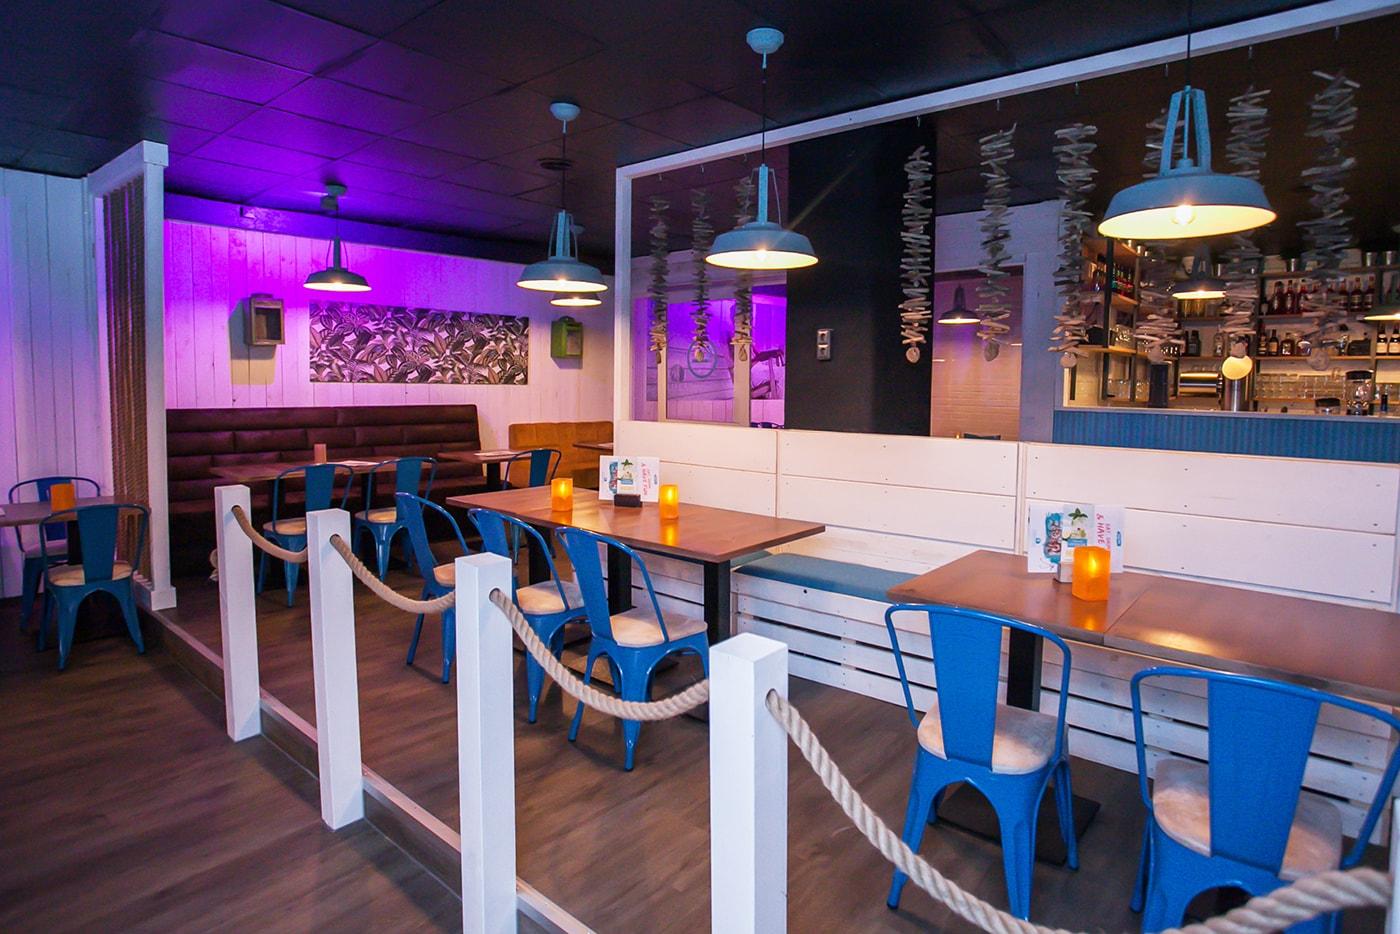 Mauritius Pforzheim Bowling - The Beach Restaurant